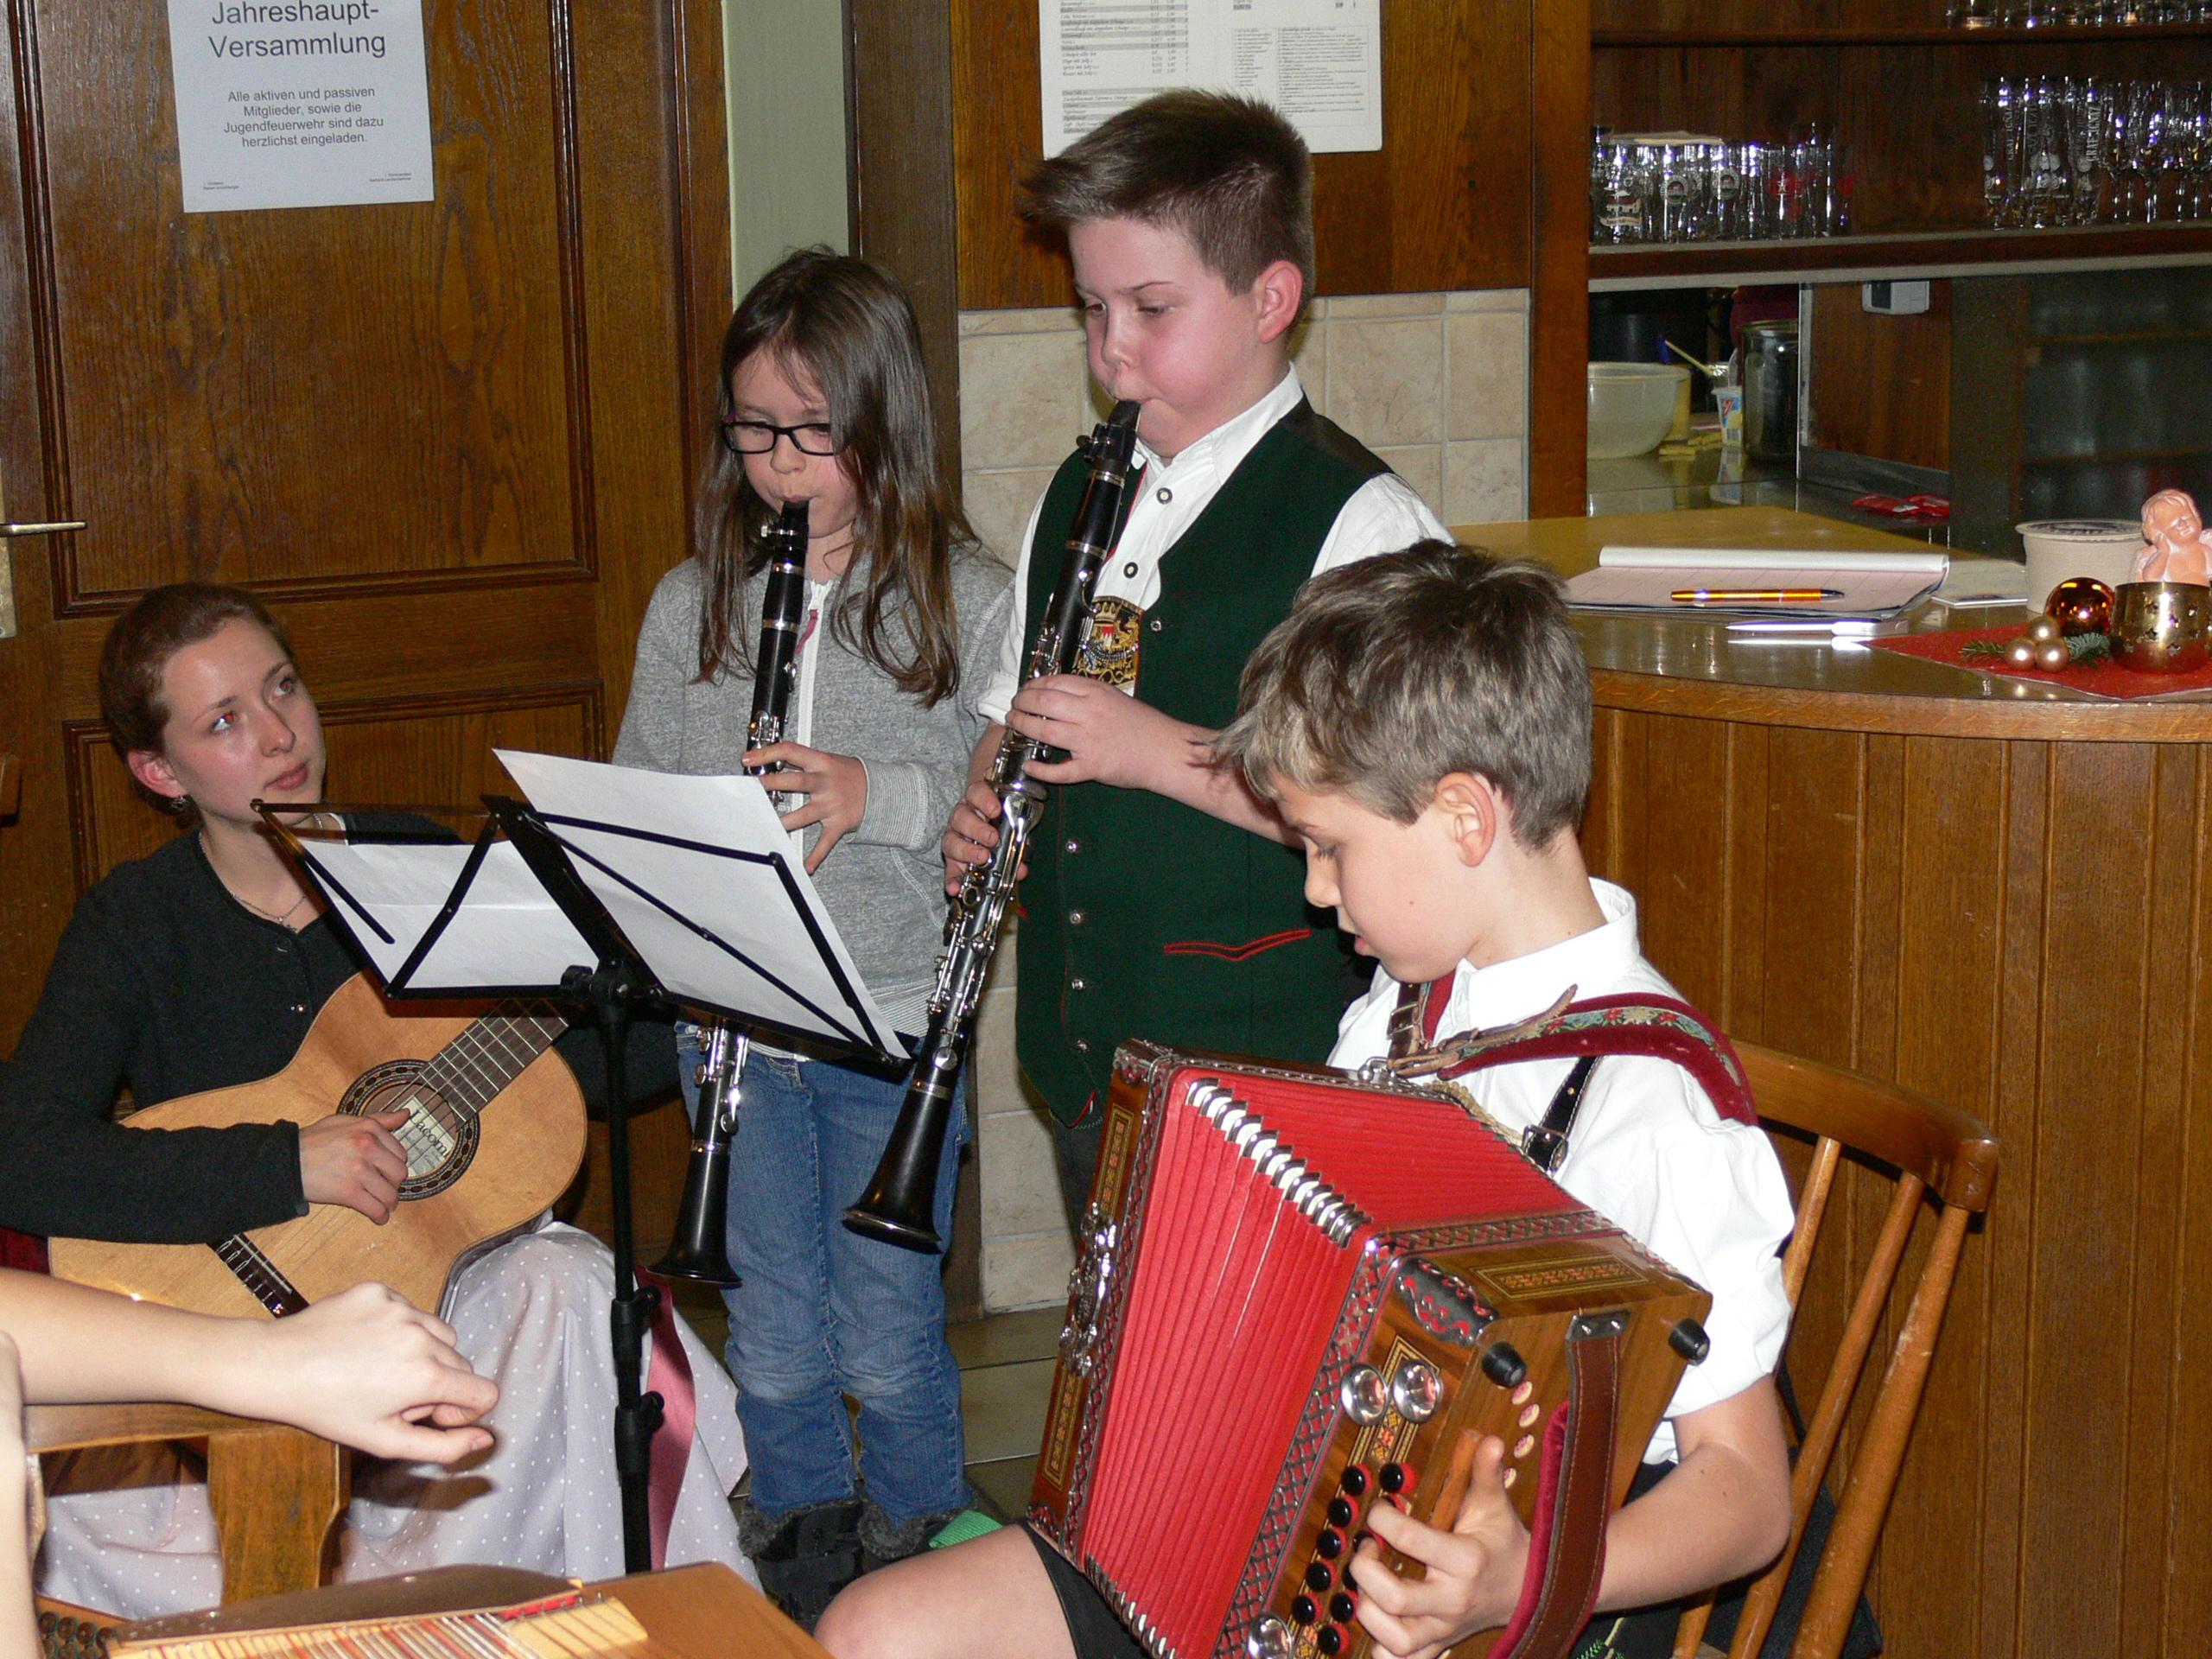 Die Nachwuchs- Musikanten spielen auf